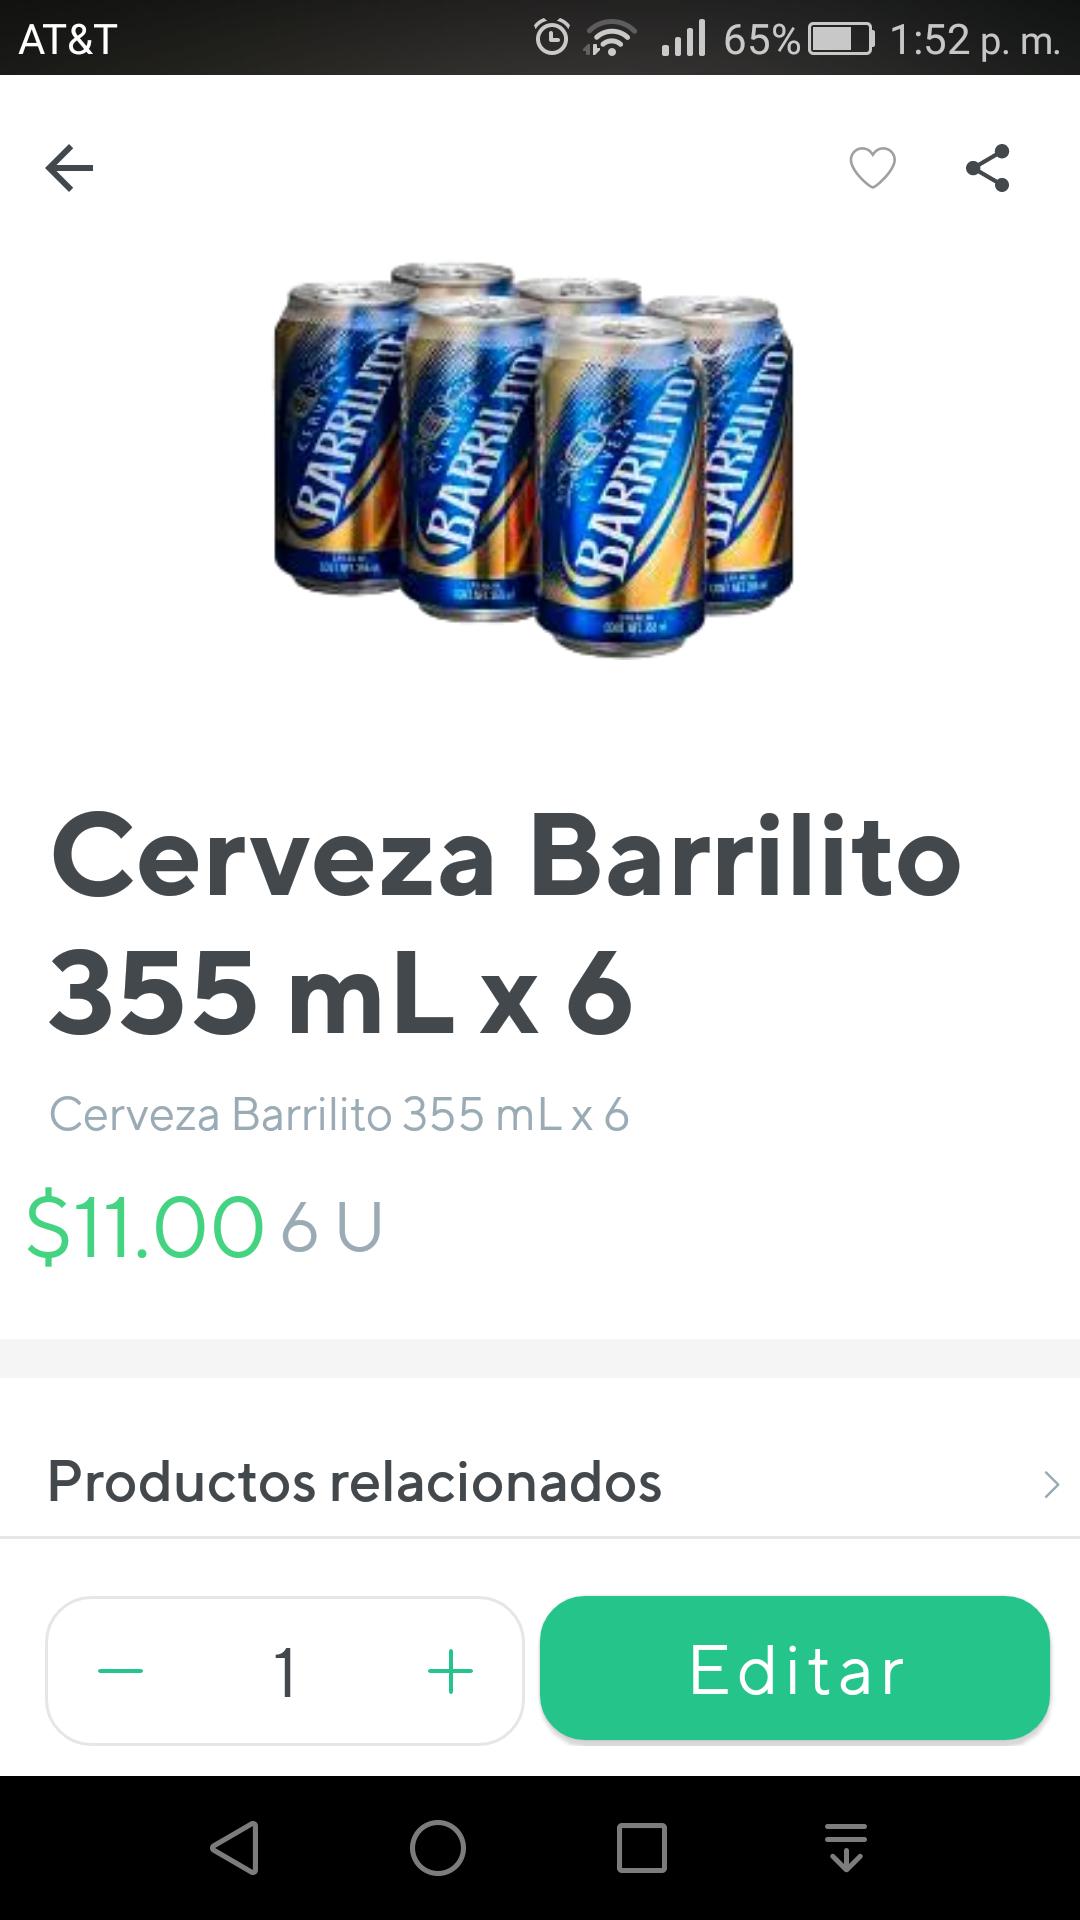 Rappi: Cervezas Barrilito 6x$11